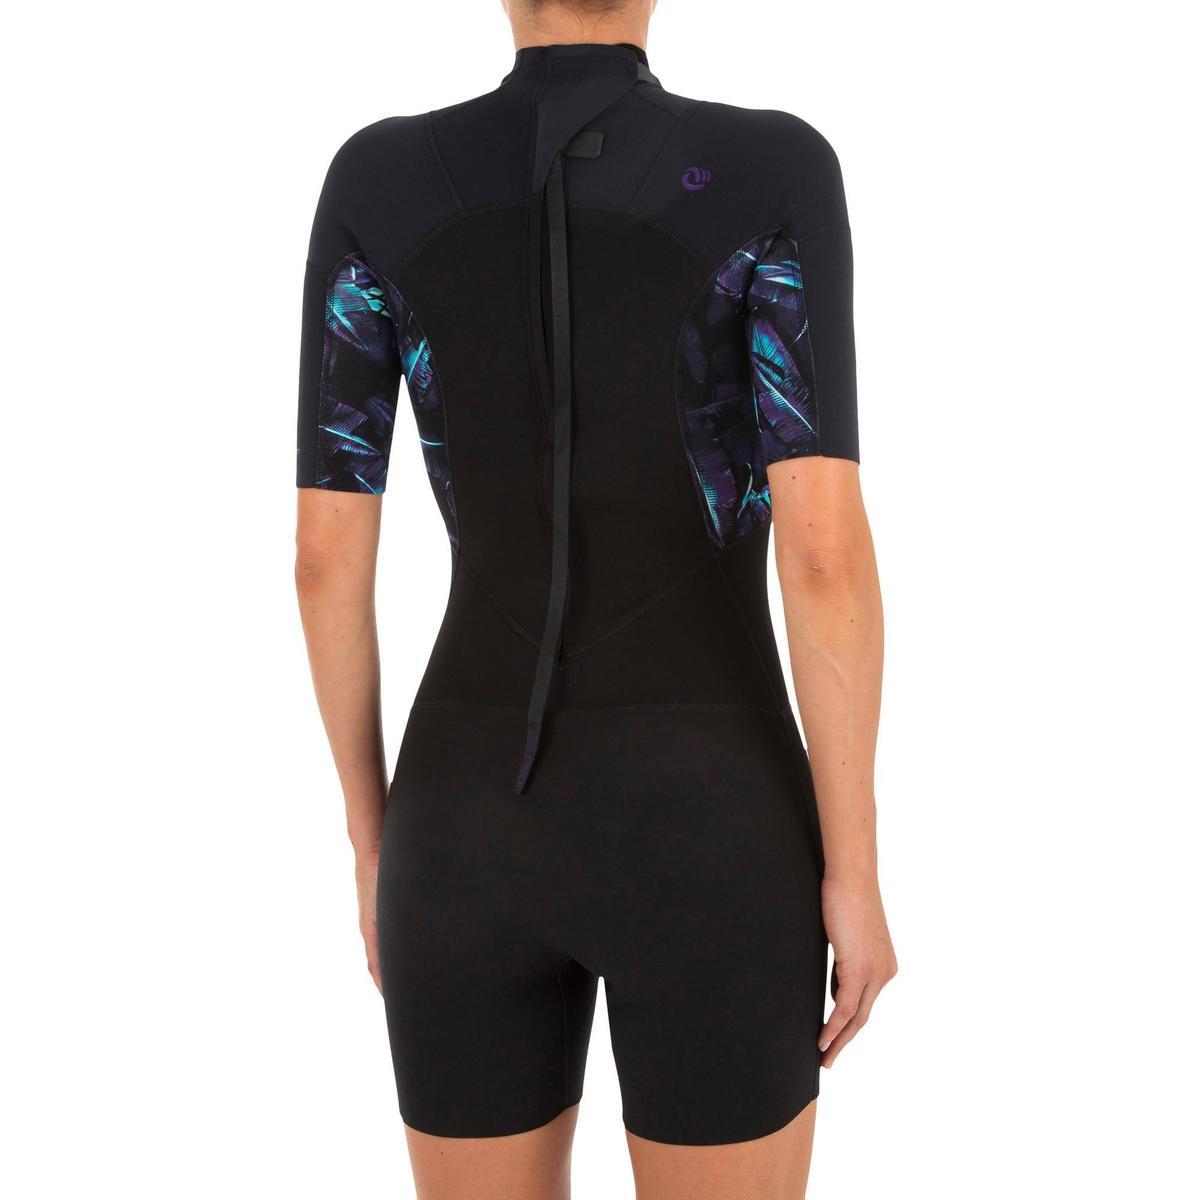 Bild 2 von Neoprenanzug Shorty Surfen 500 Stretch Neopren 2 mm Damen schwarz bedruckt